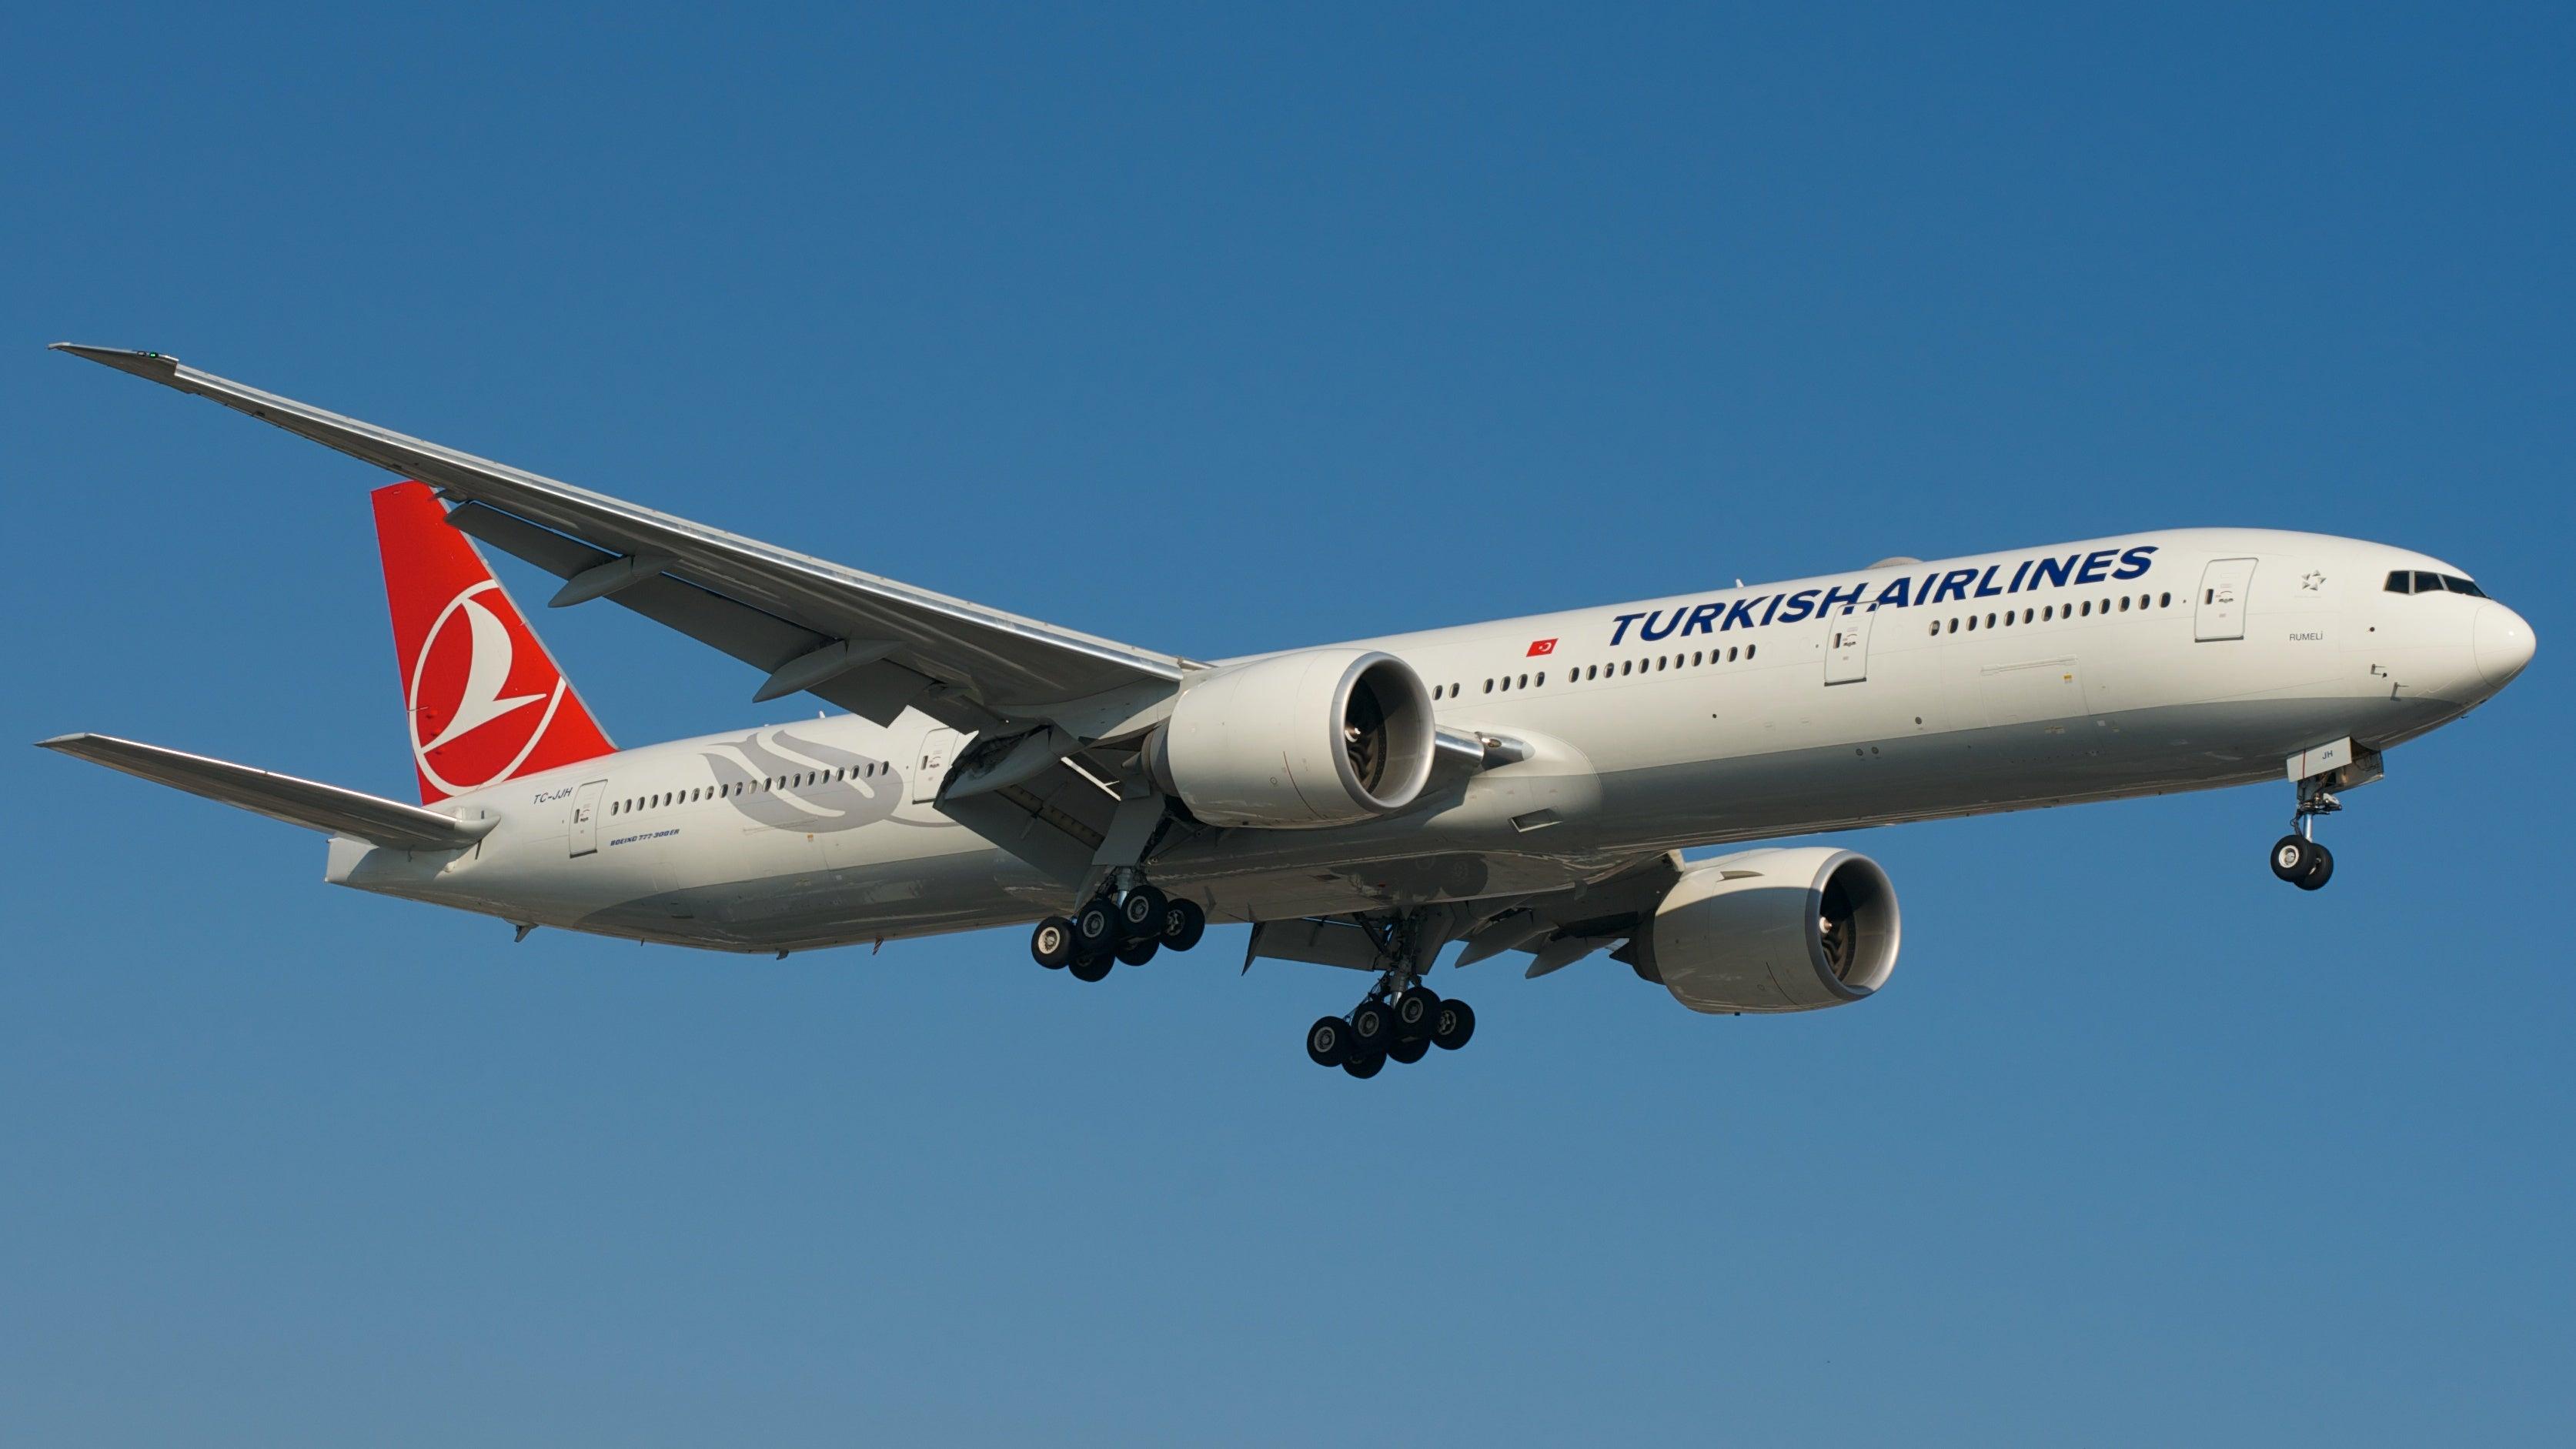 tout savoir sur les bagages avec turkish airlines go voyages le blog de voyages